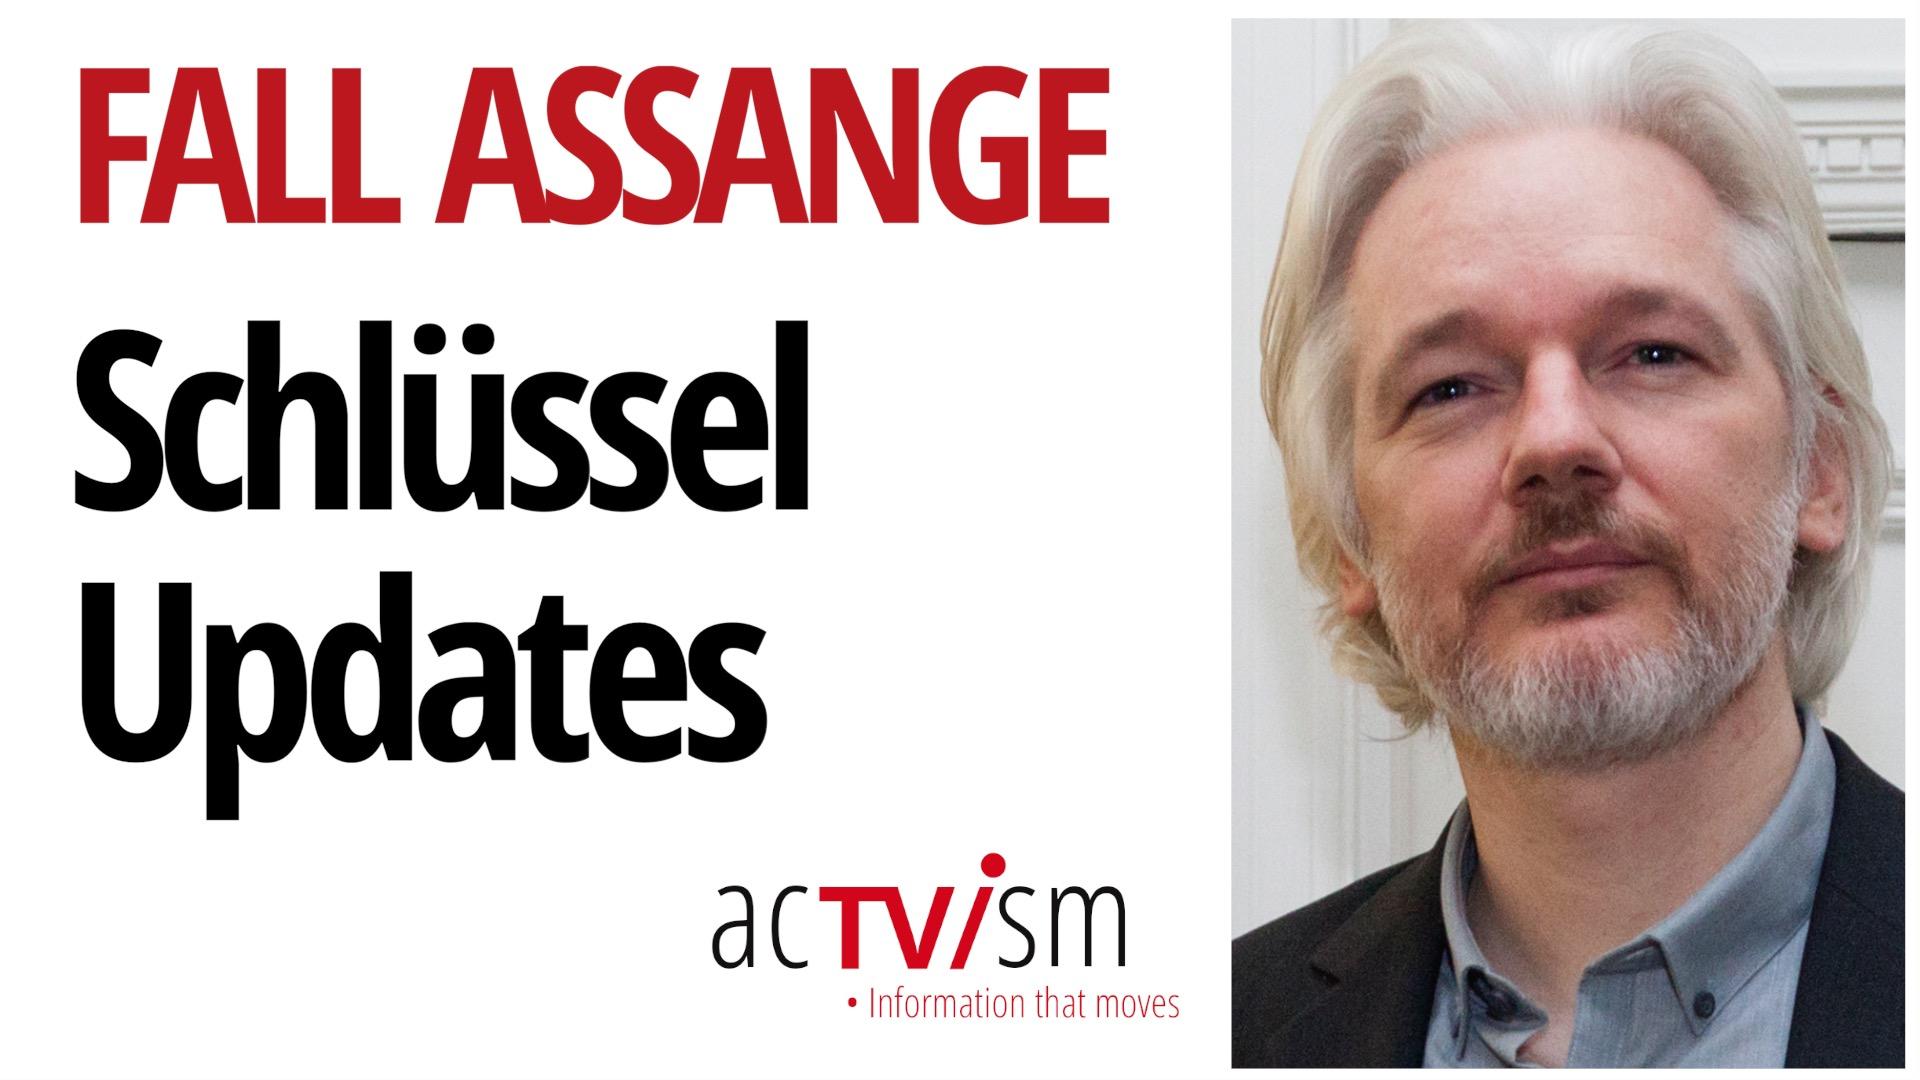 Schlüssel-Updates im Fall Assange - US-Berufung & die Lüge des Star-Zeugen